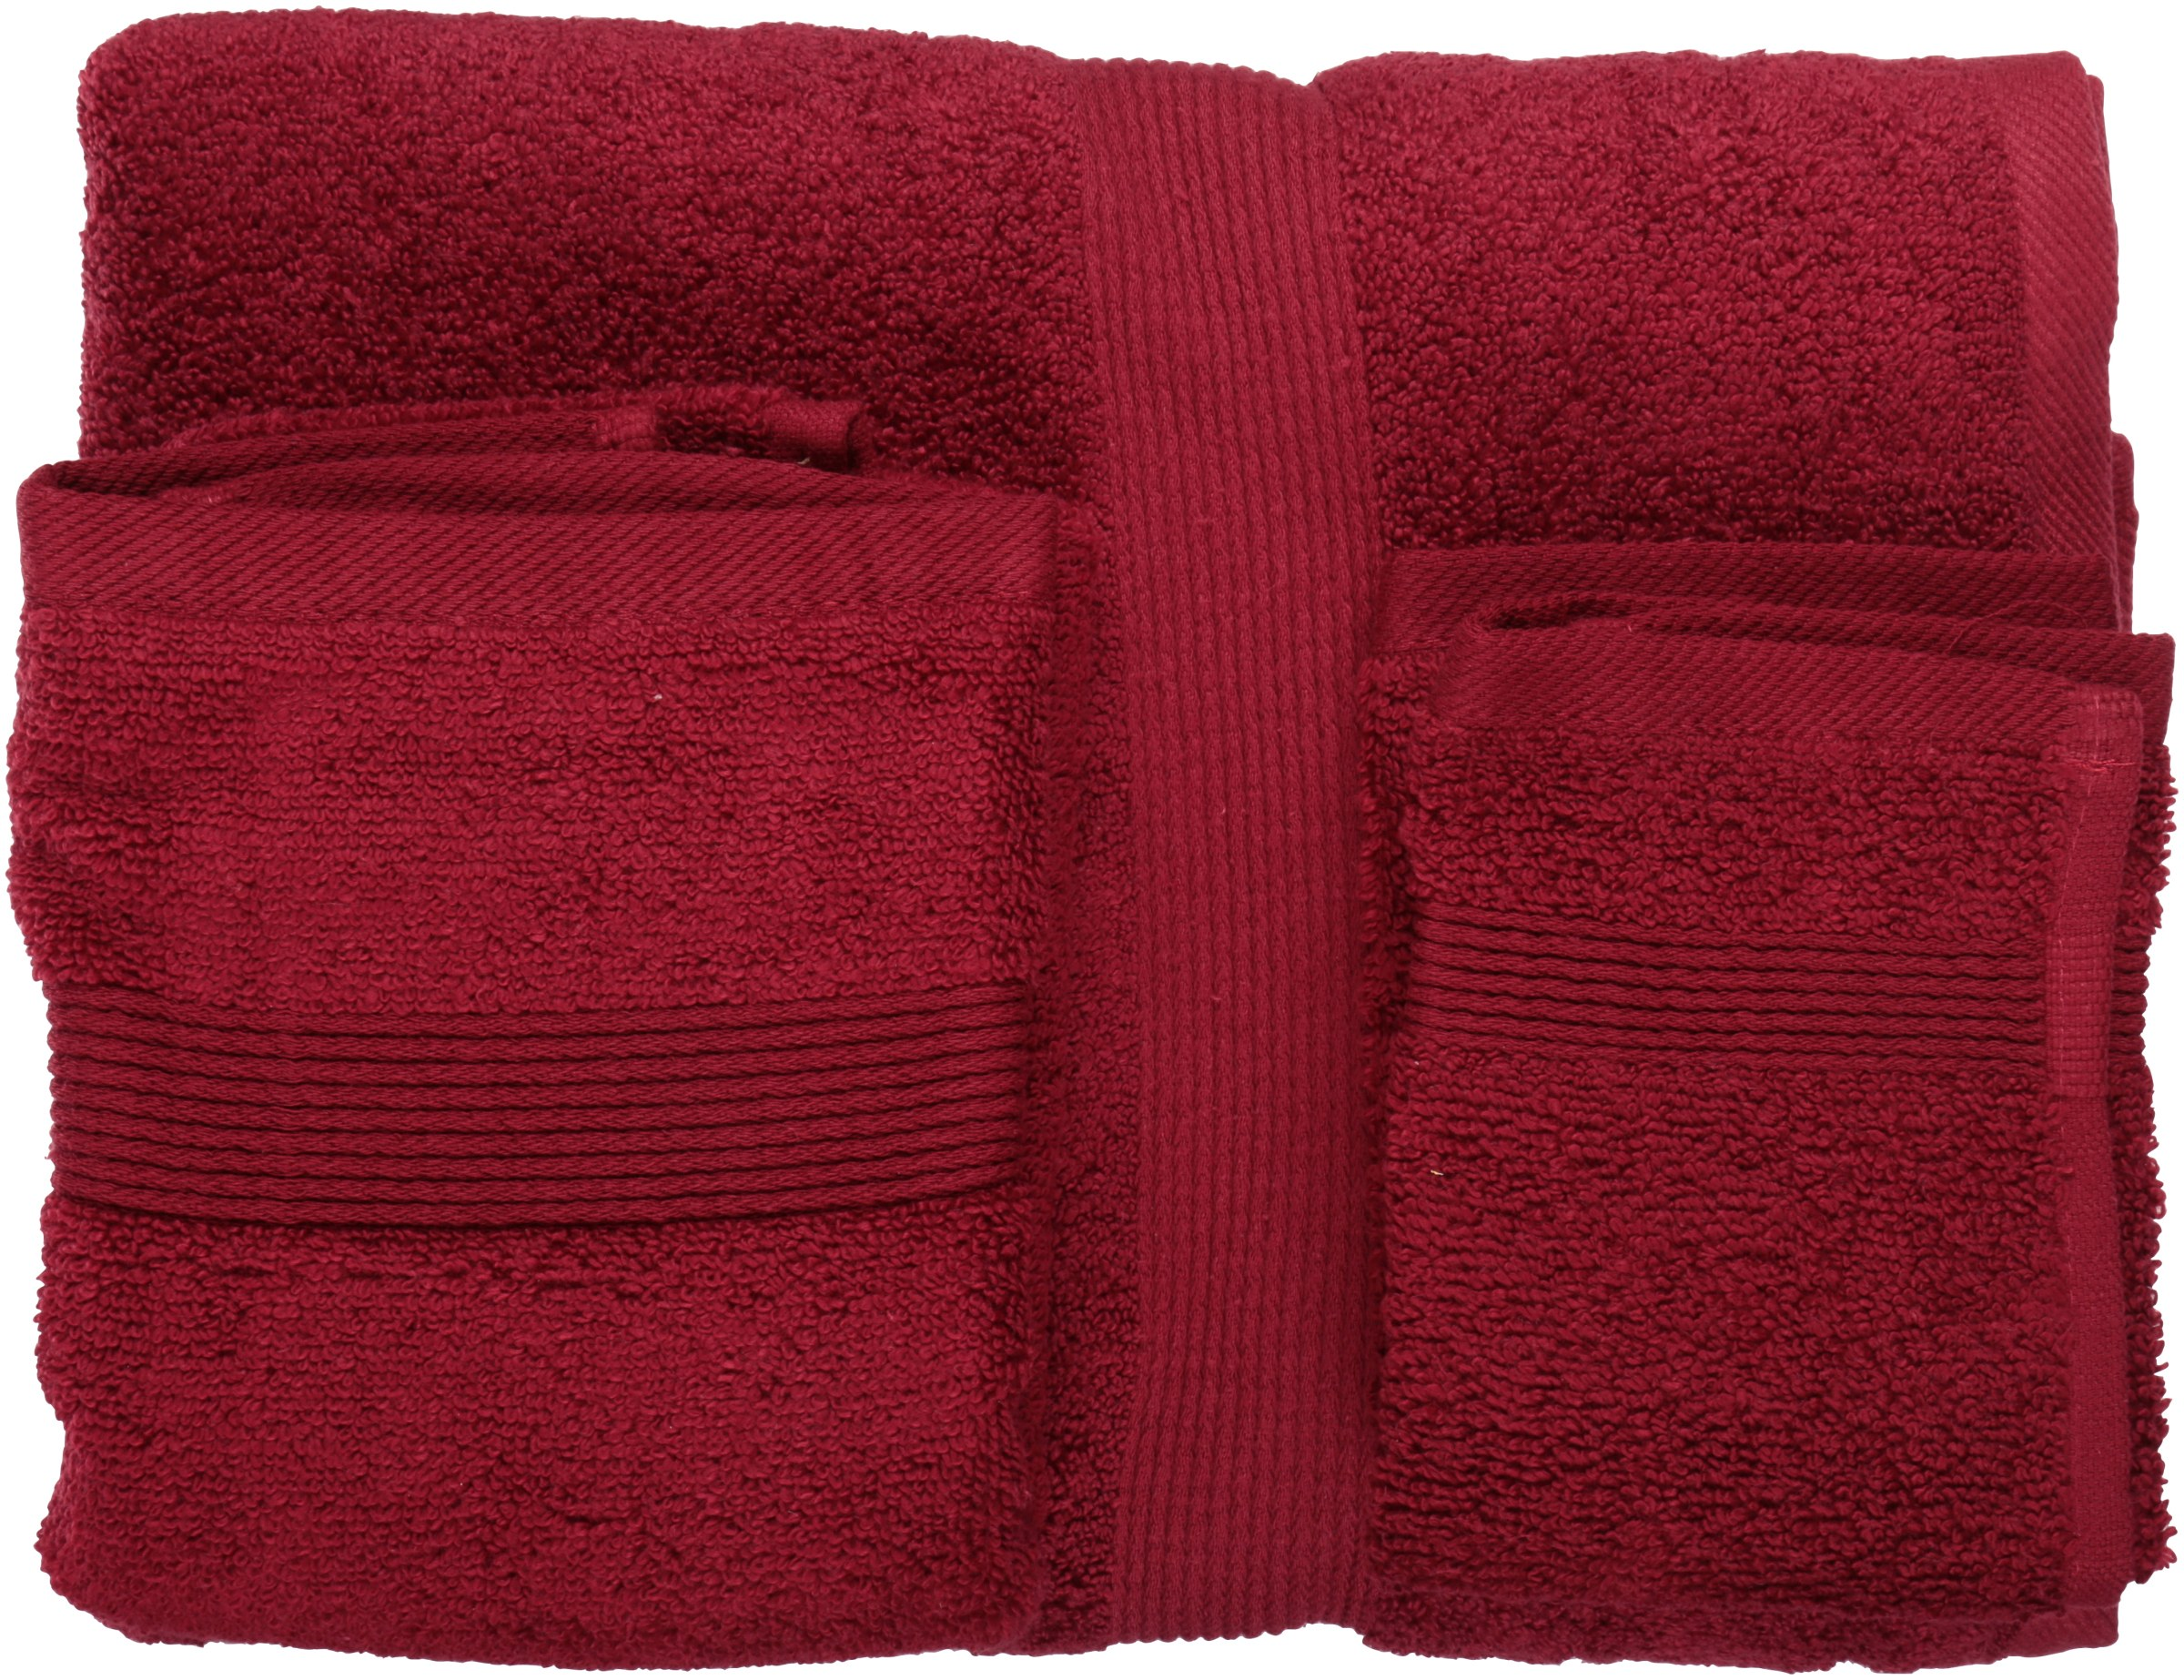 Harbor Home Aire Lite Elite Bath Towel Set 3 Pc Pack